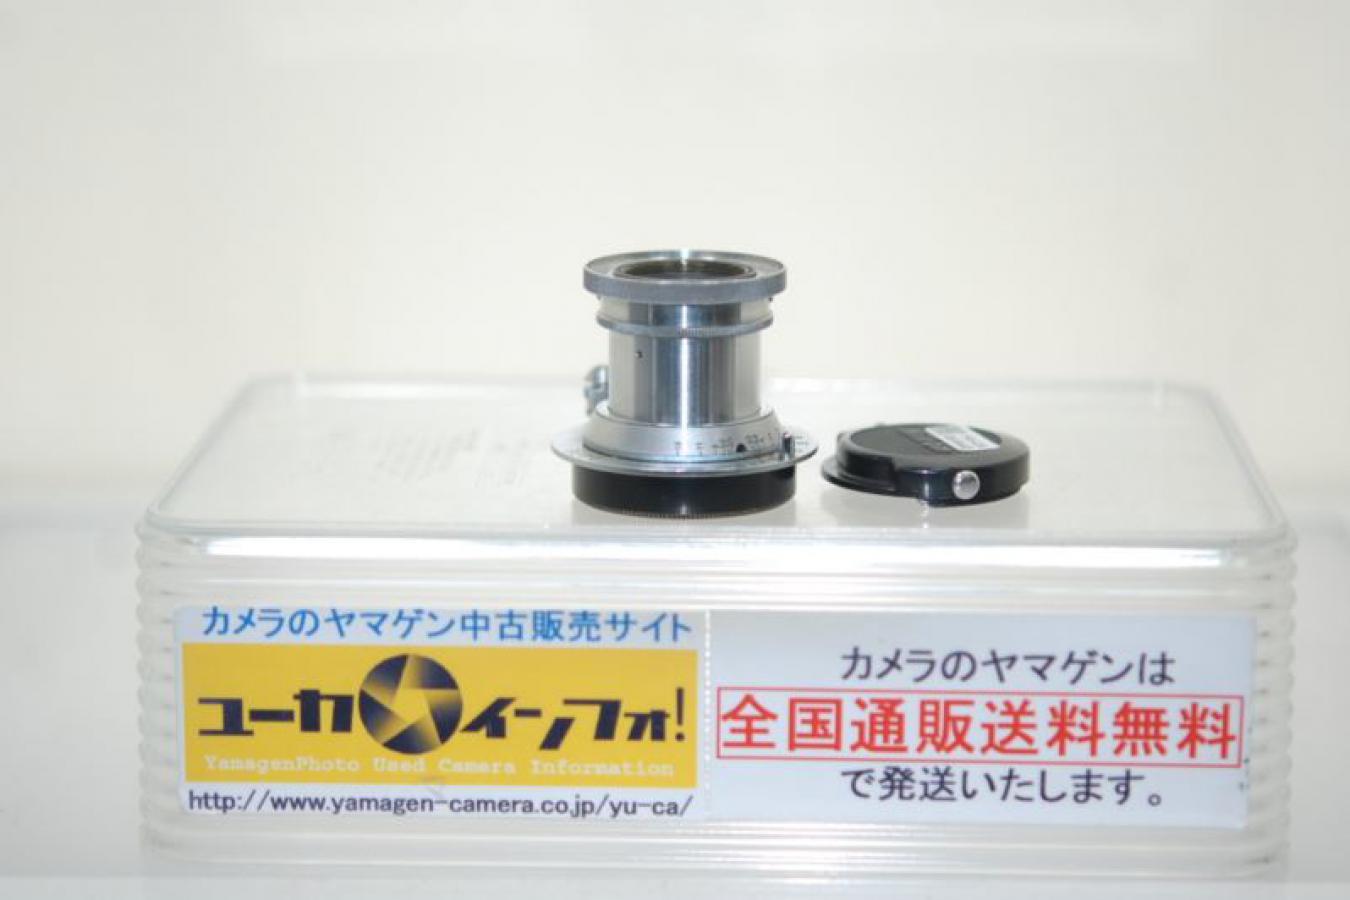 日本光学 NIKKOR-Q・C 5cm F3.5 沈胴 Nippon Kogaku Tokyo銘 【ライカLマウントレンズ】